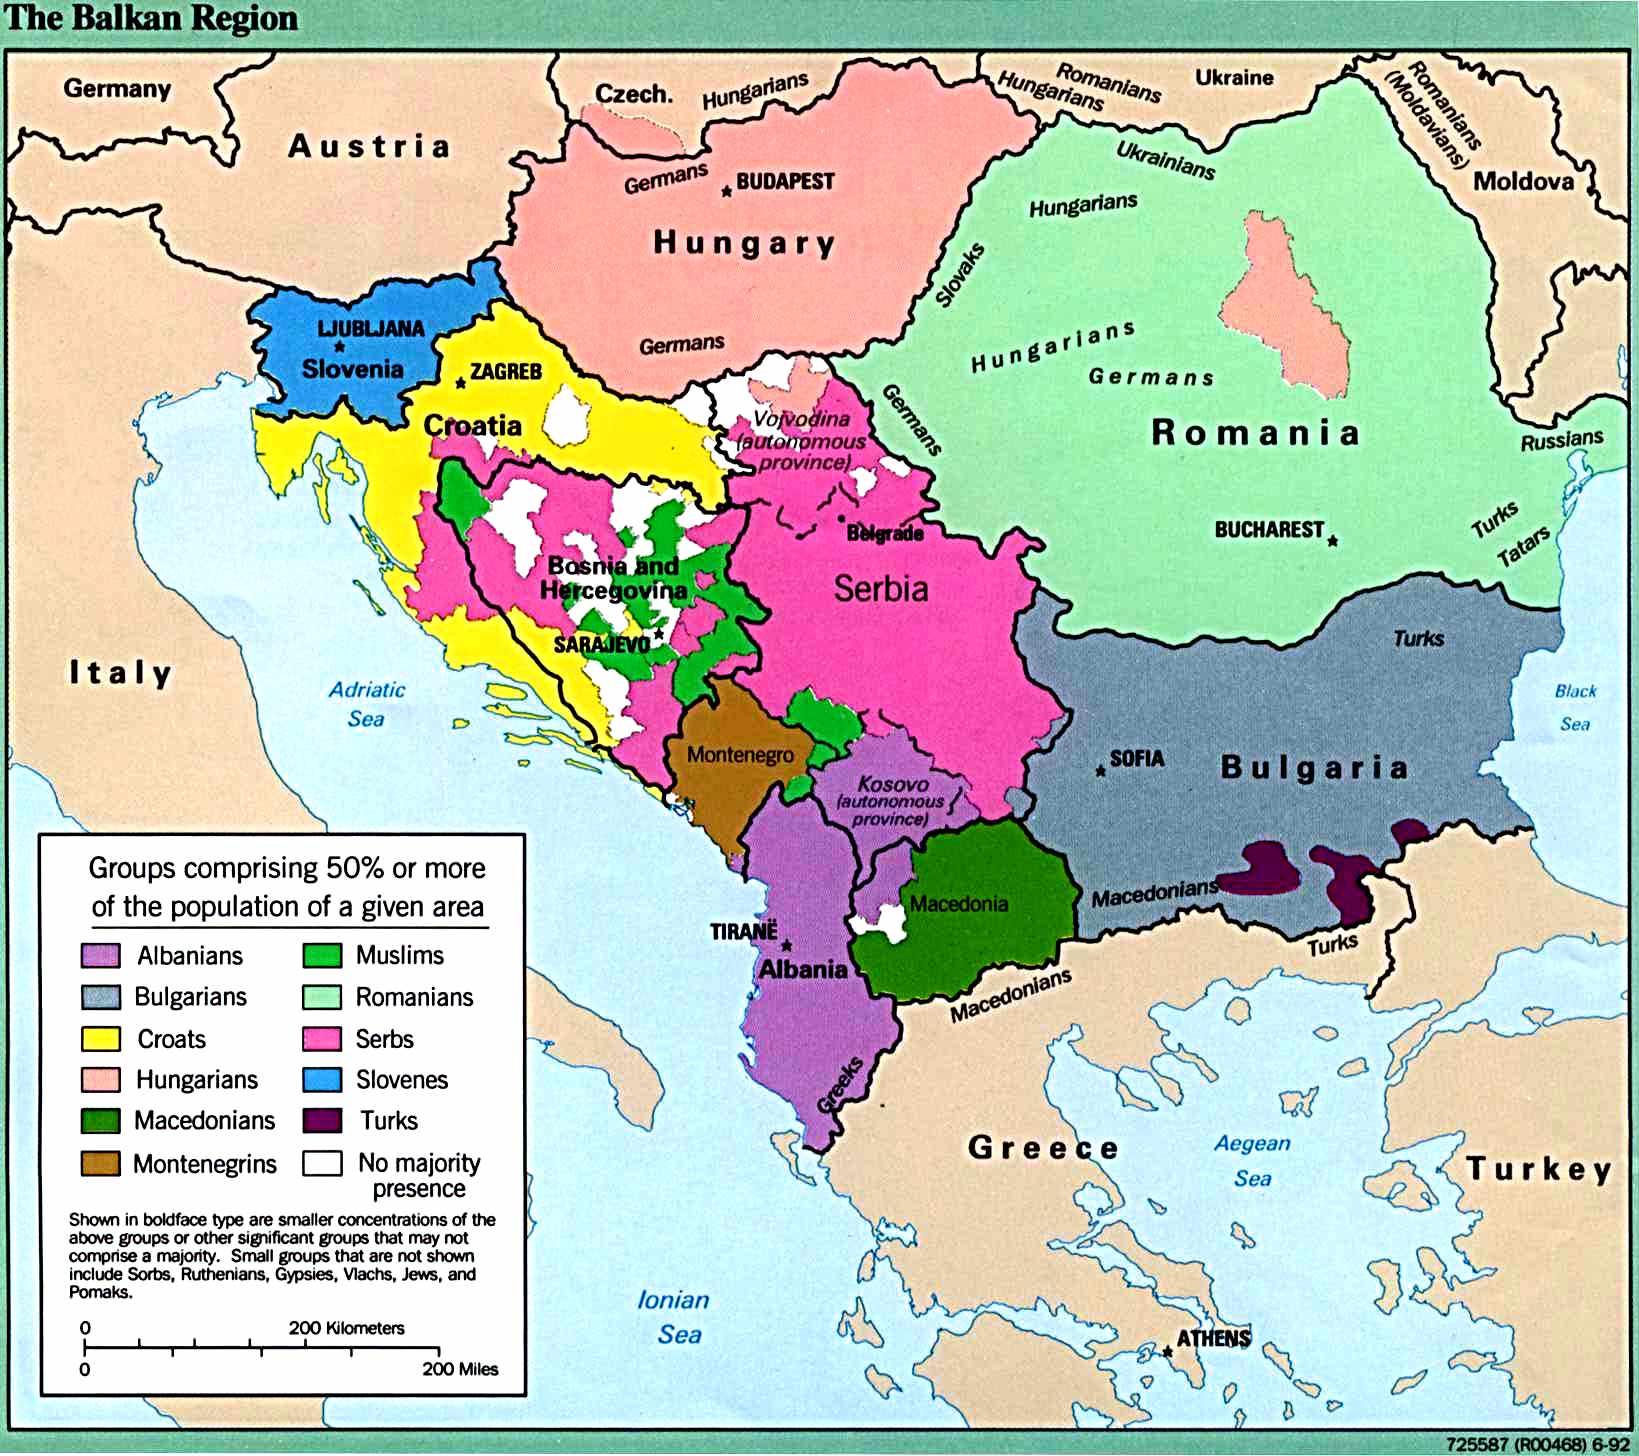 Mapa étnico de los Balcanes 1992